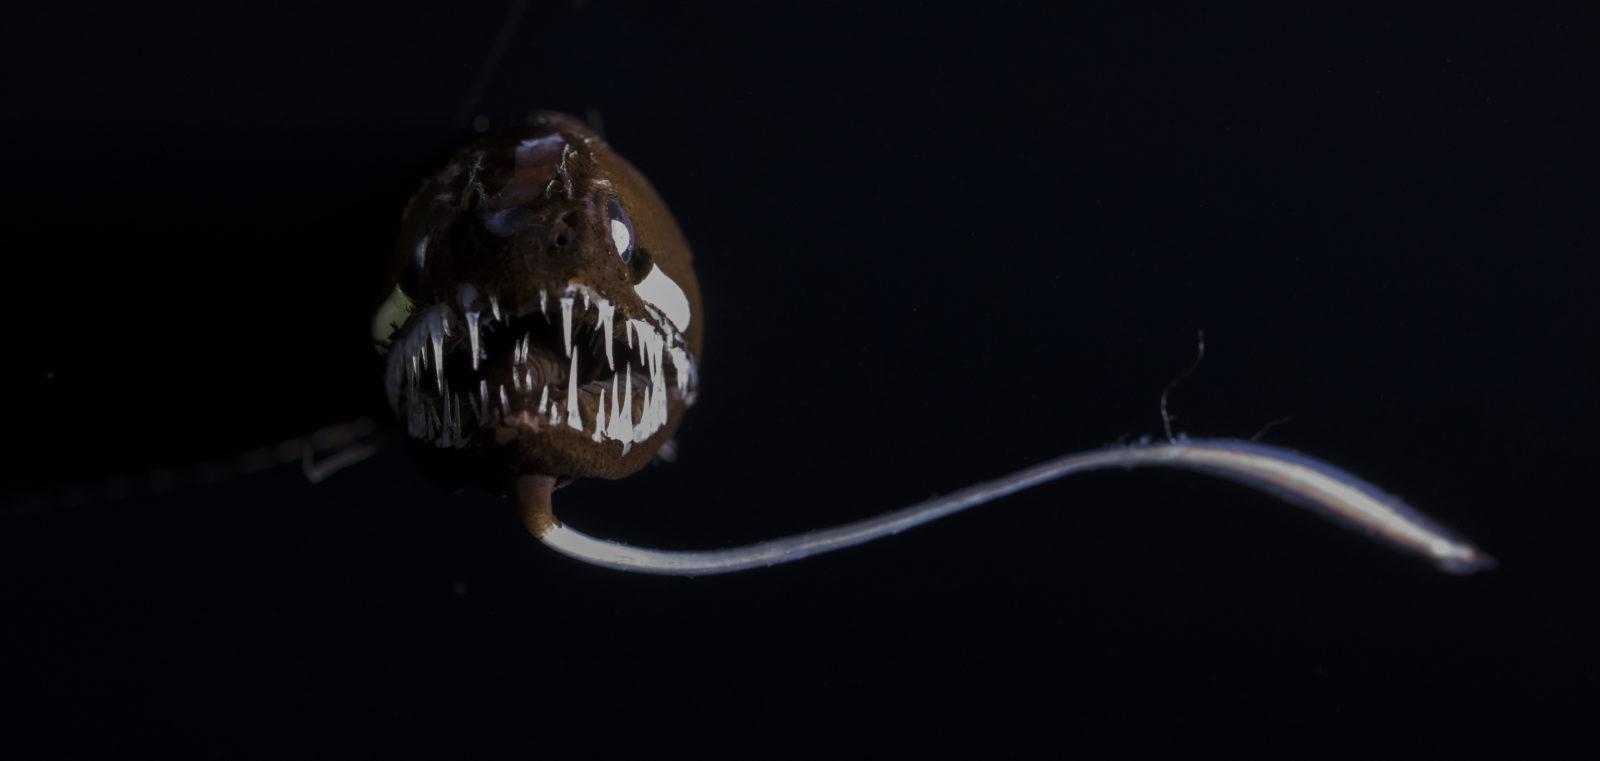 En dragefisk med store tenner